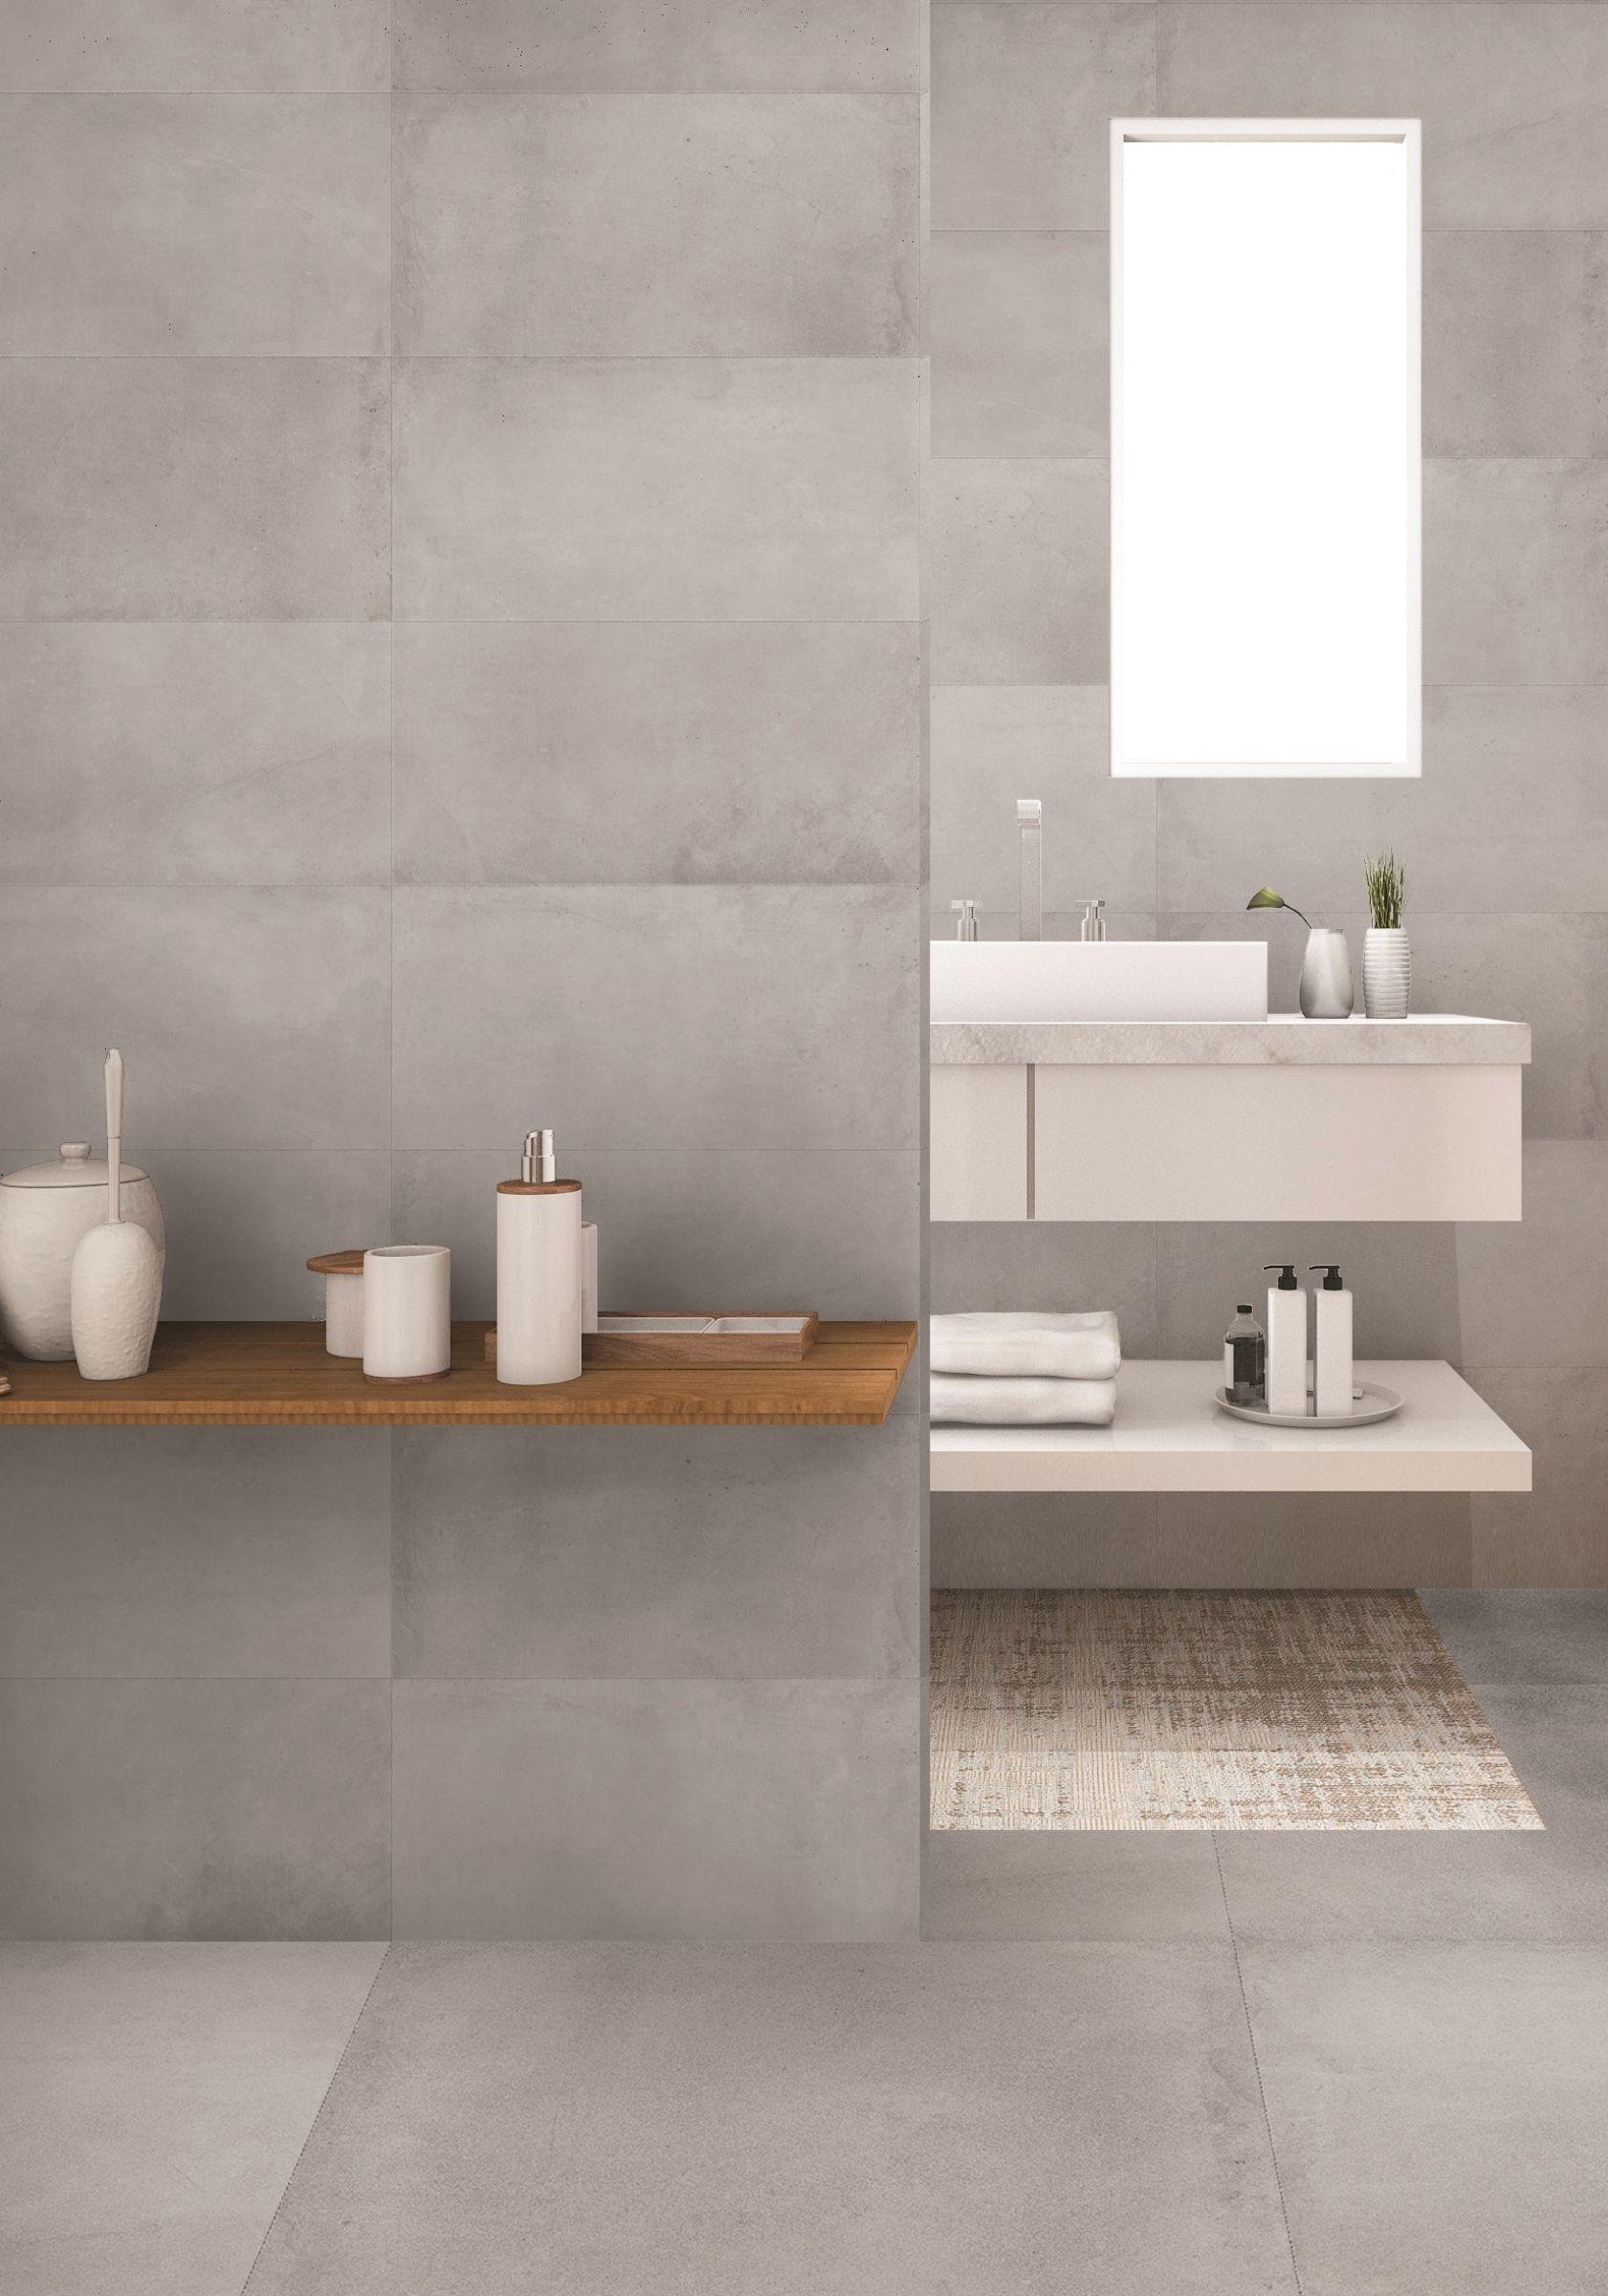 Primecollection Uniplus Smoke Bodenfliese Rektifiziert 60x60 Cm Badezimmer Badezimmer Innenausstattung Und Badezimmerideen